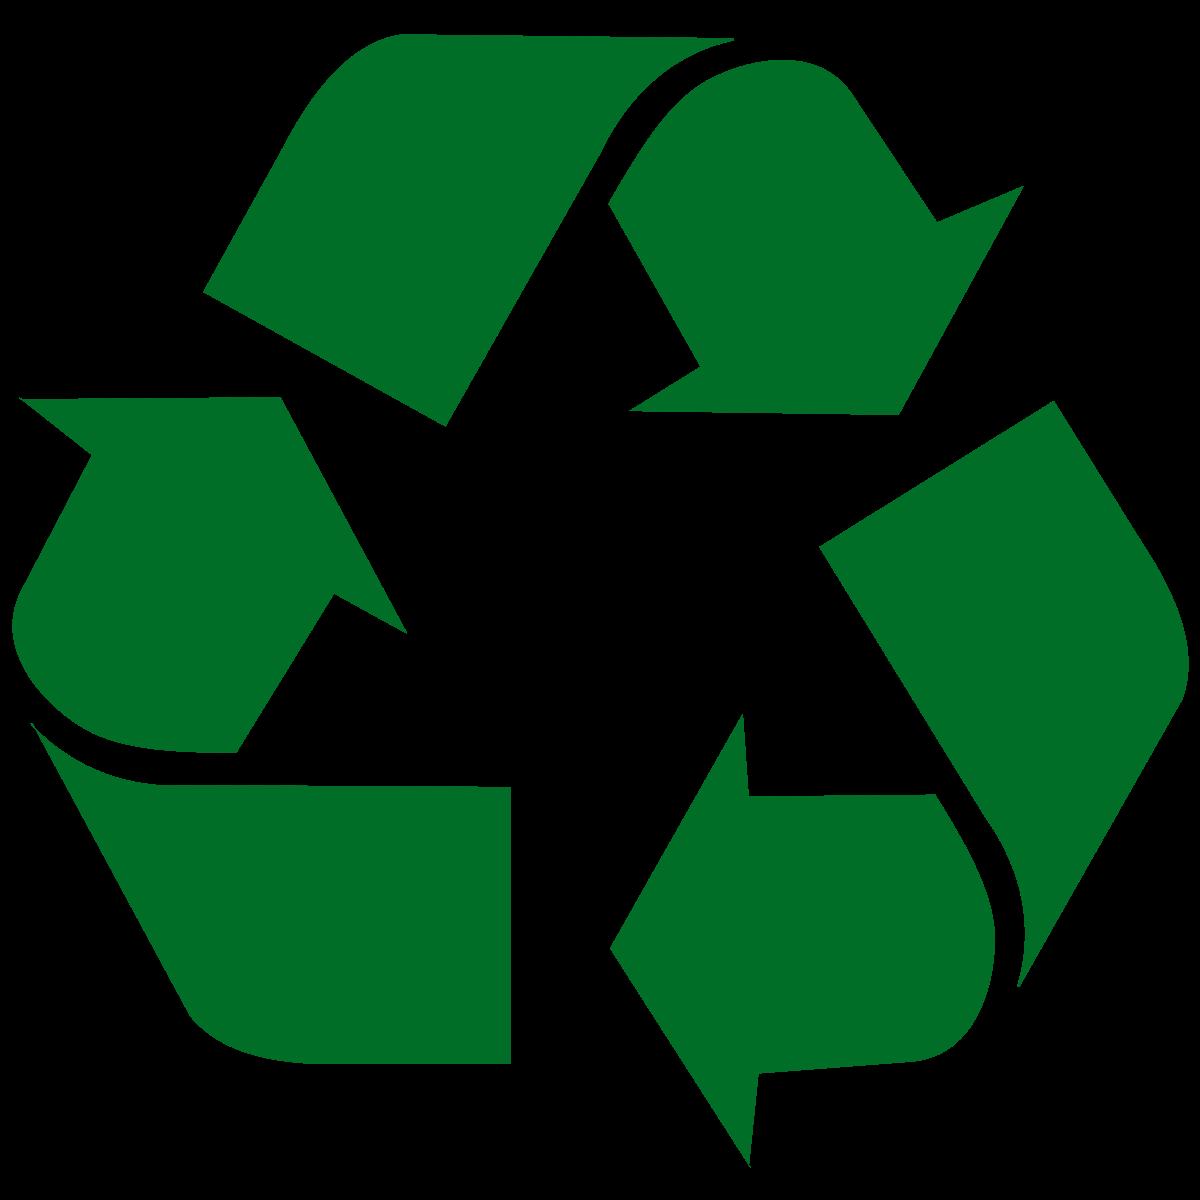 butla z helem recykling